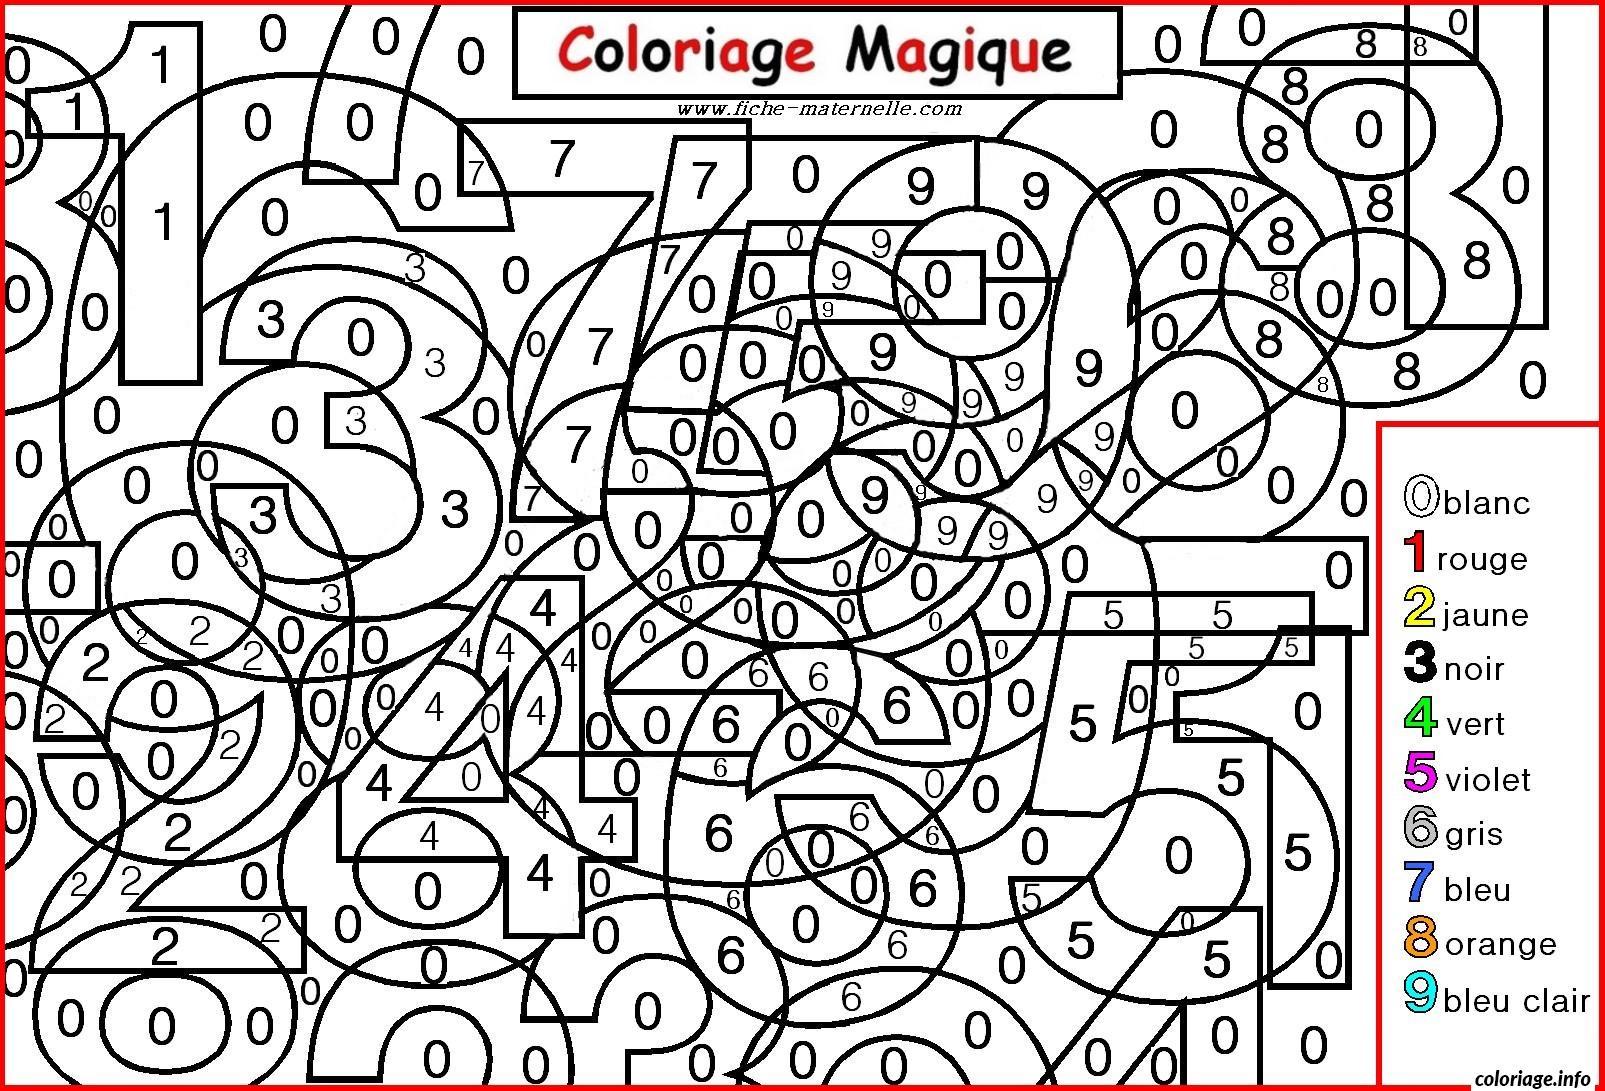 Coloriage magique chiffres maternelle dessin - Dessin avec des chiffres ...